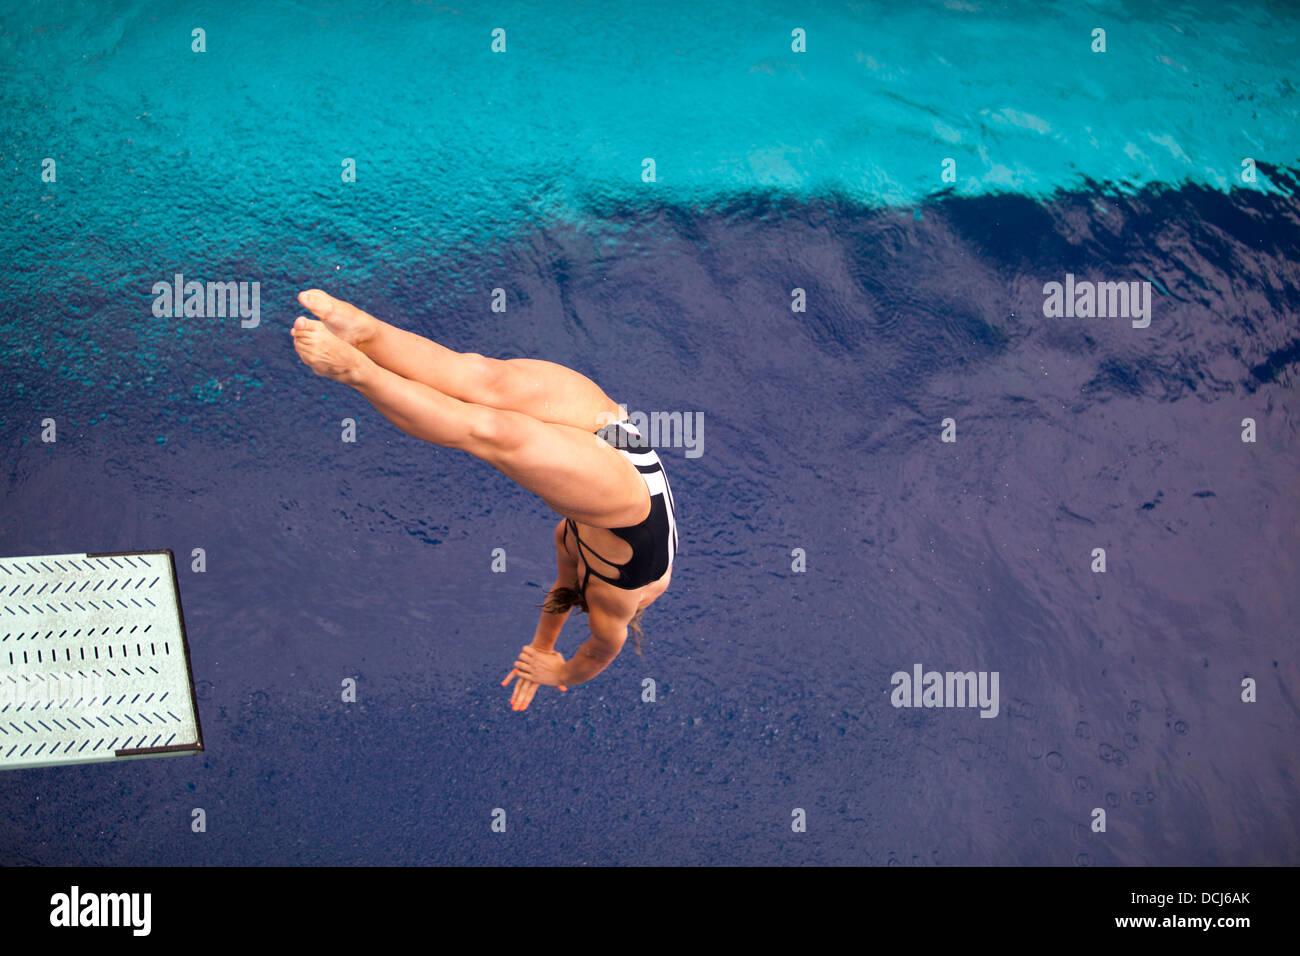 Plongeur haut sauter dans l'eau Photo Stock